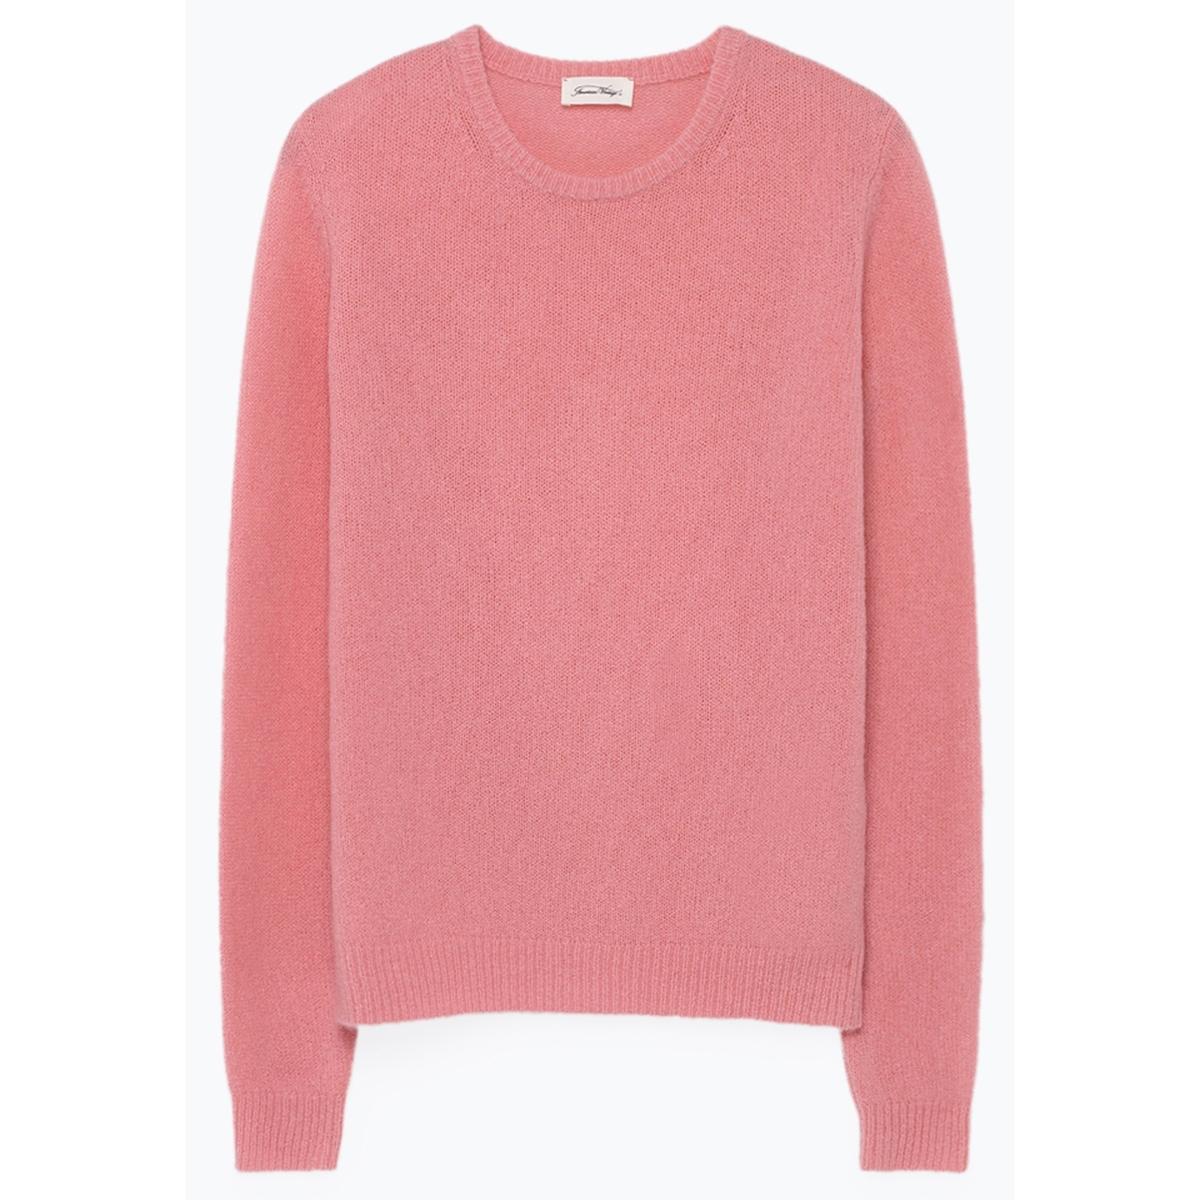 Пуловер La Redoute С круглым вырезом из тонкого трикотажа NANIBEACH S розовый ic men коричневый пуловер из кашемира